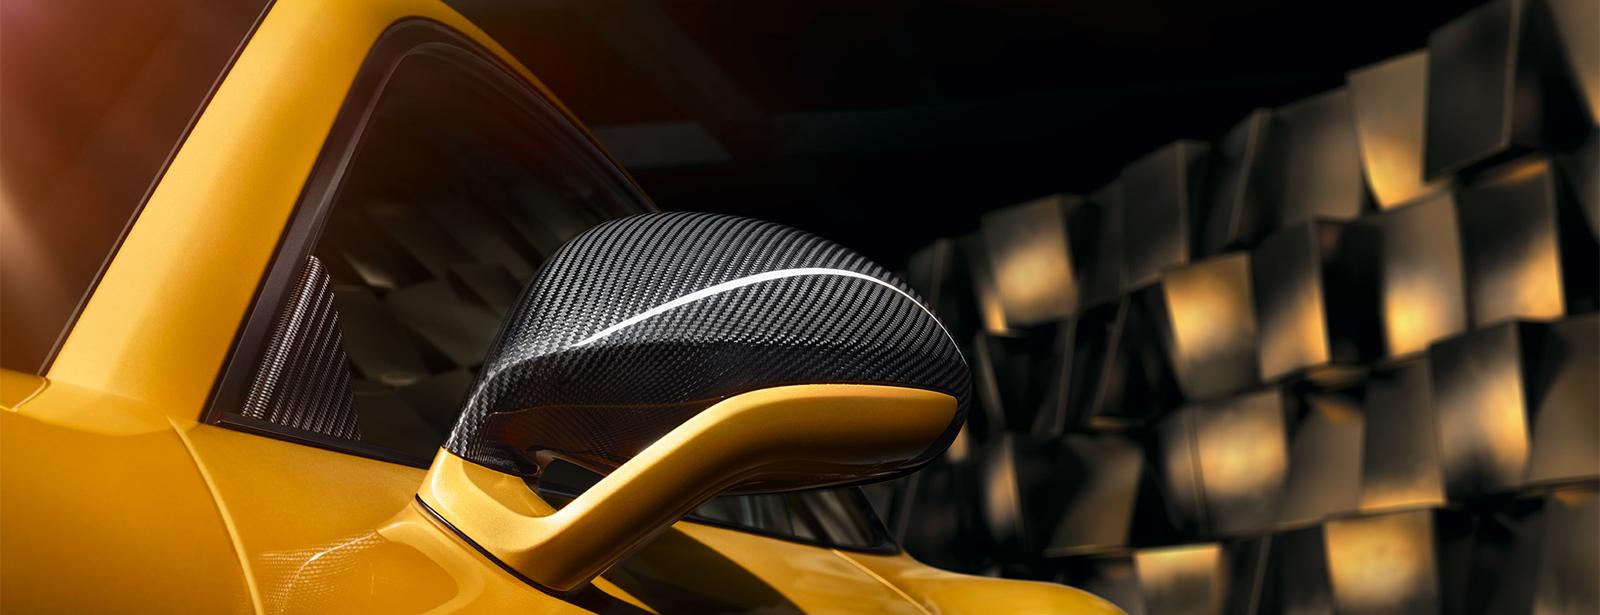 Events 2018   Porsche Exclusive Manufaktur & Tequipment Aktionstag